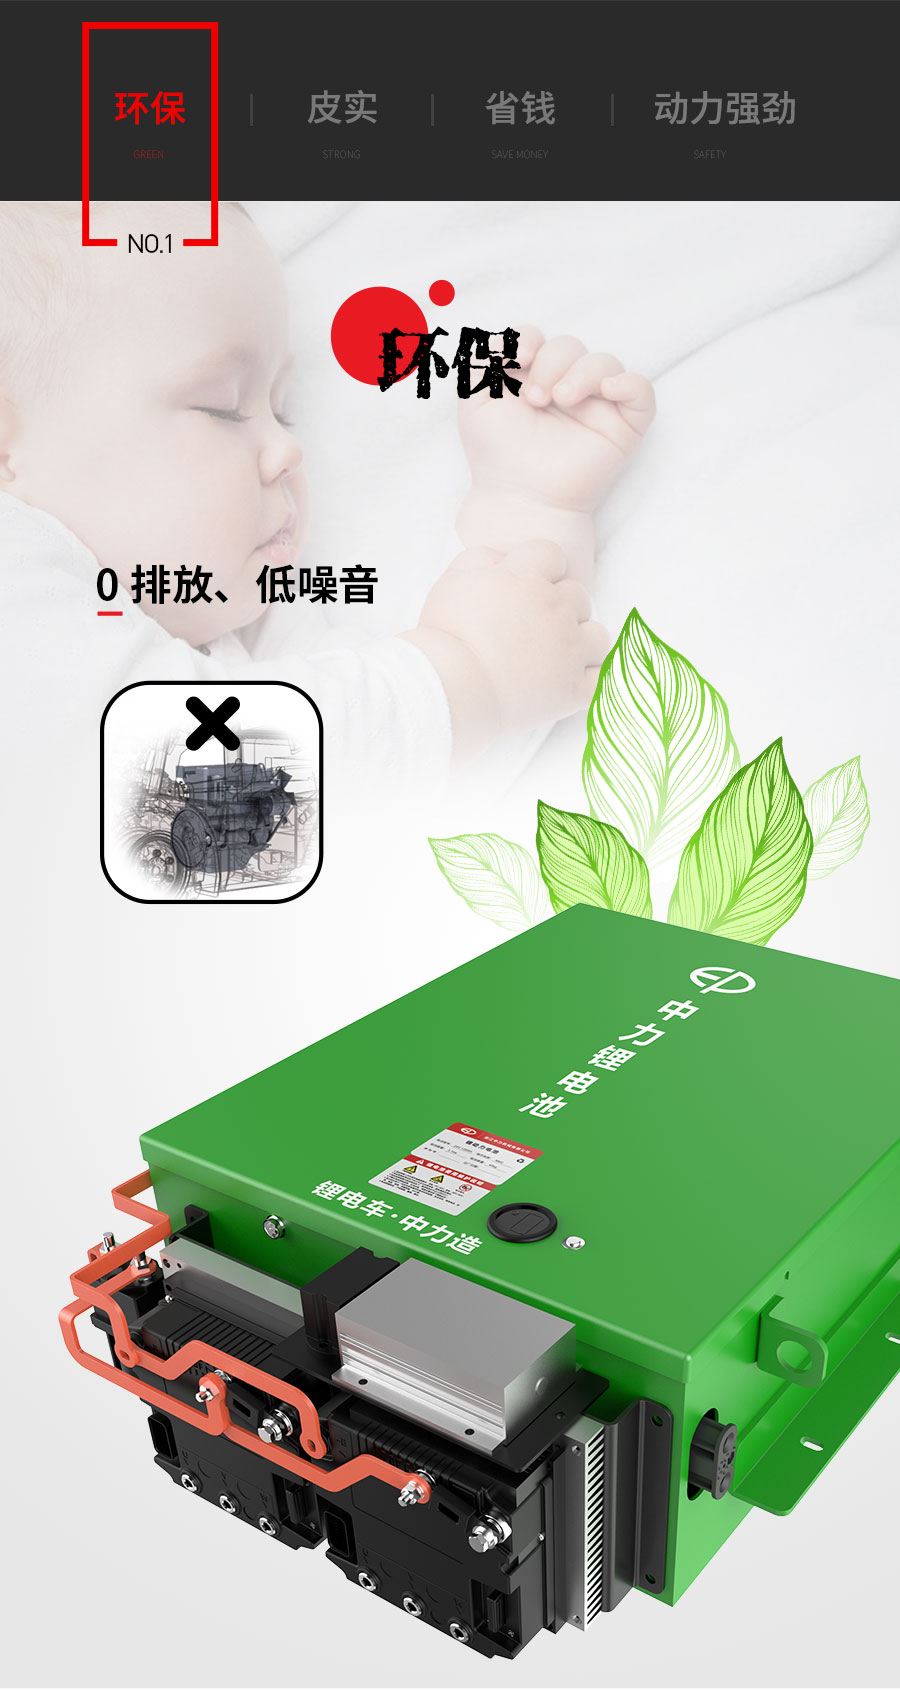 Xe nâng điện 3 tấn ắc quy Lithium-ion model ICE301B